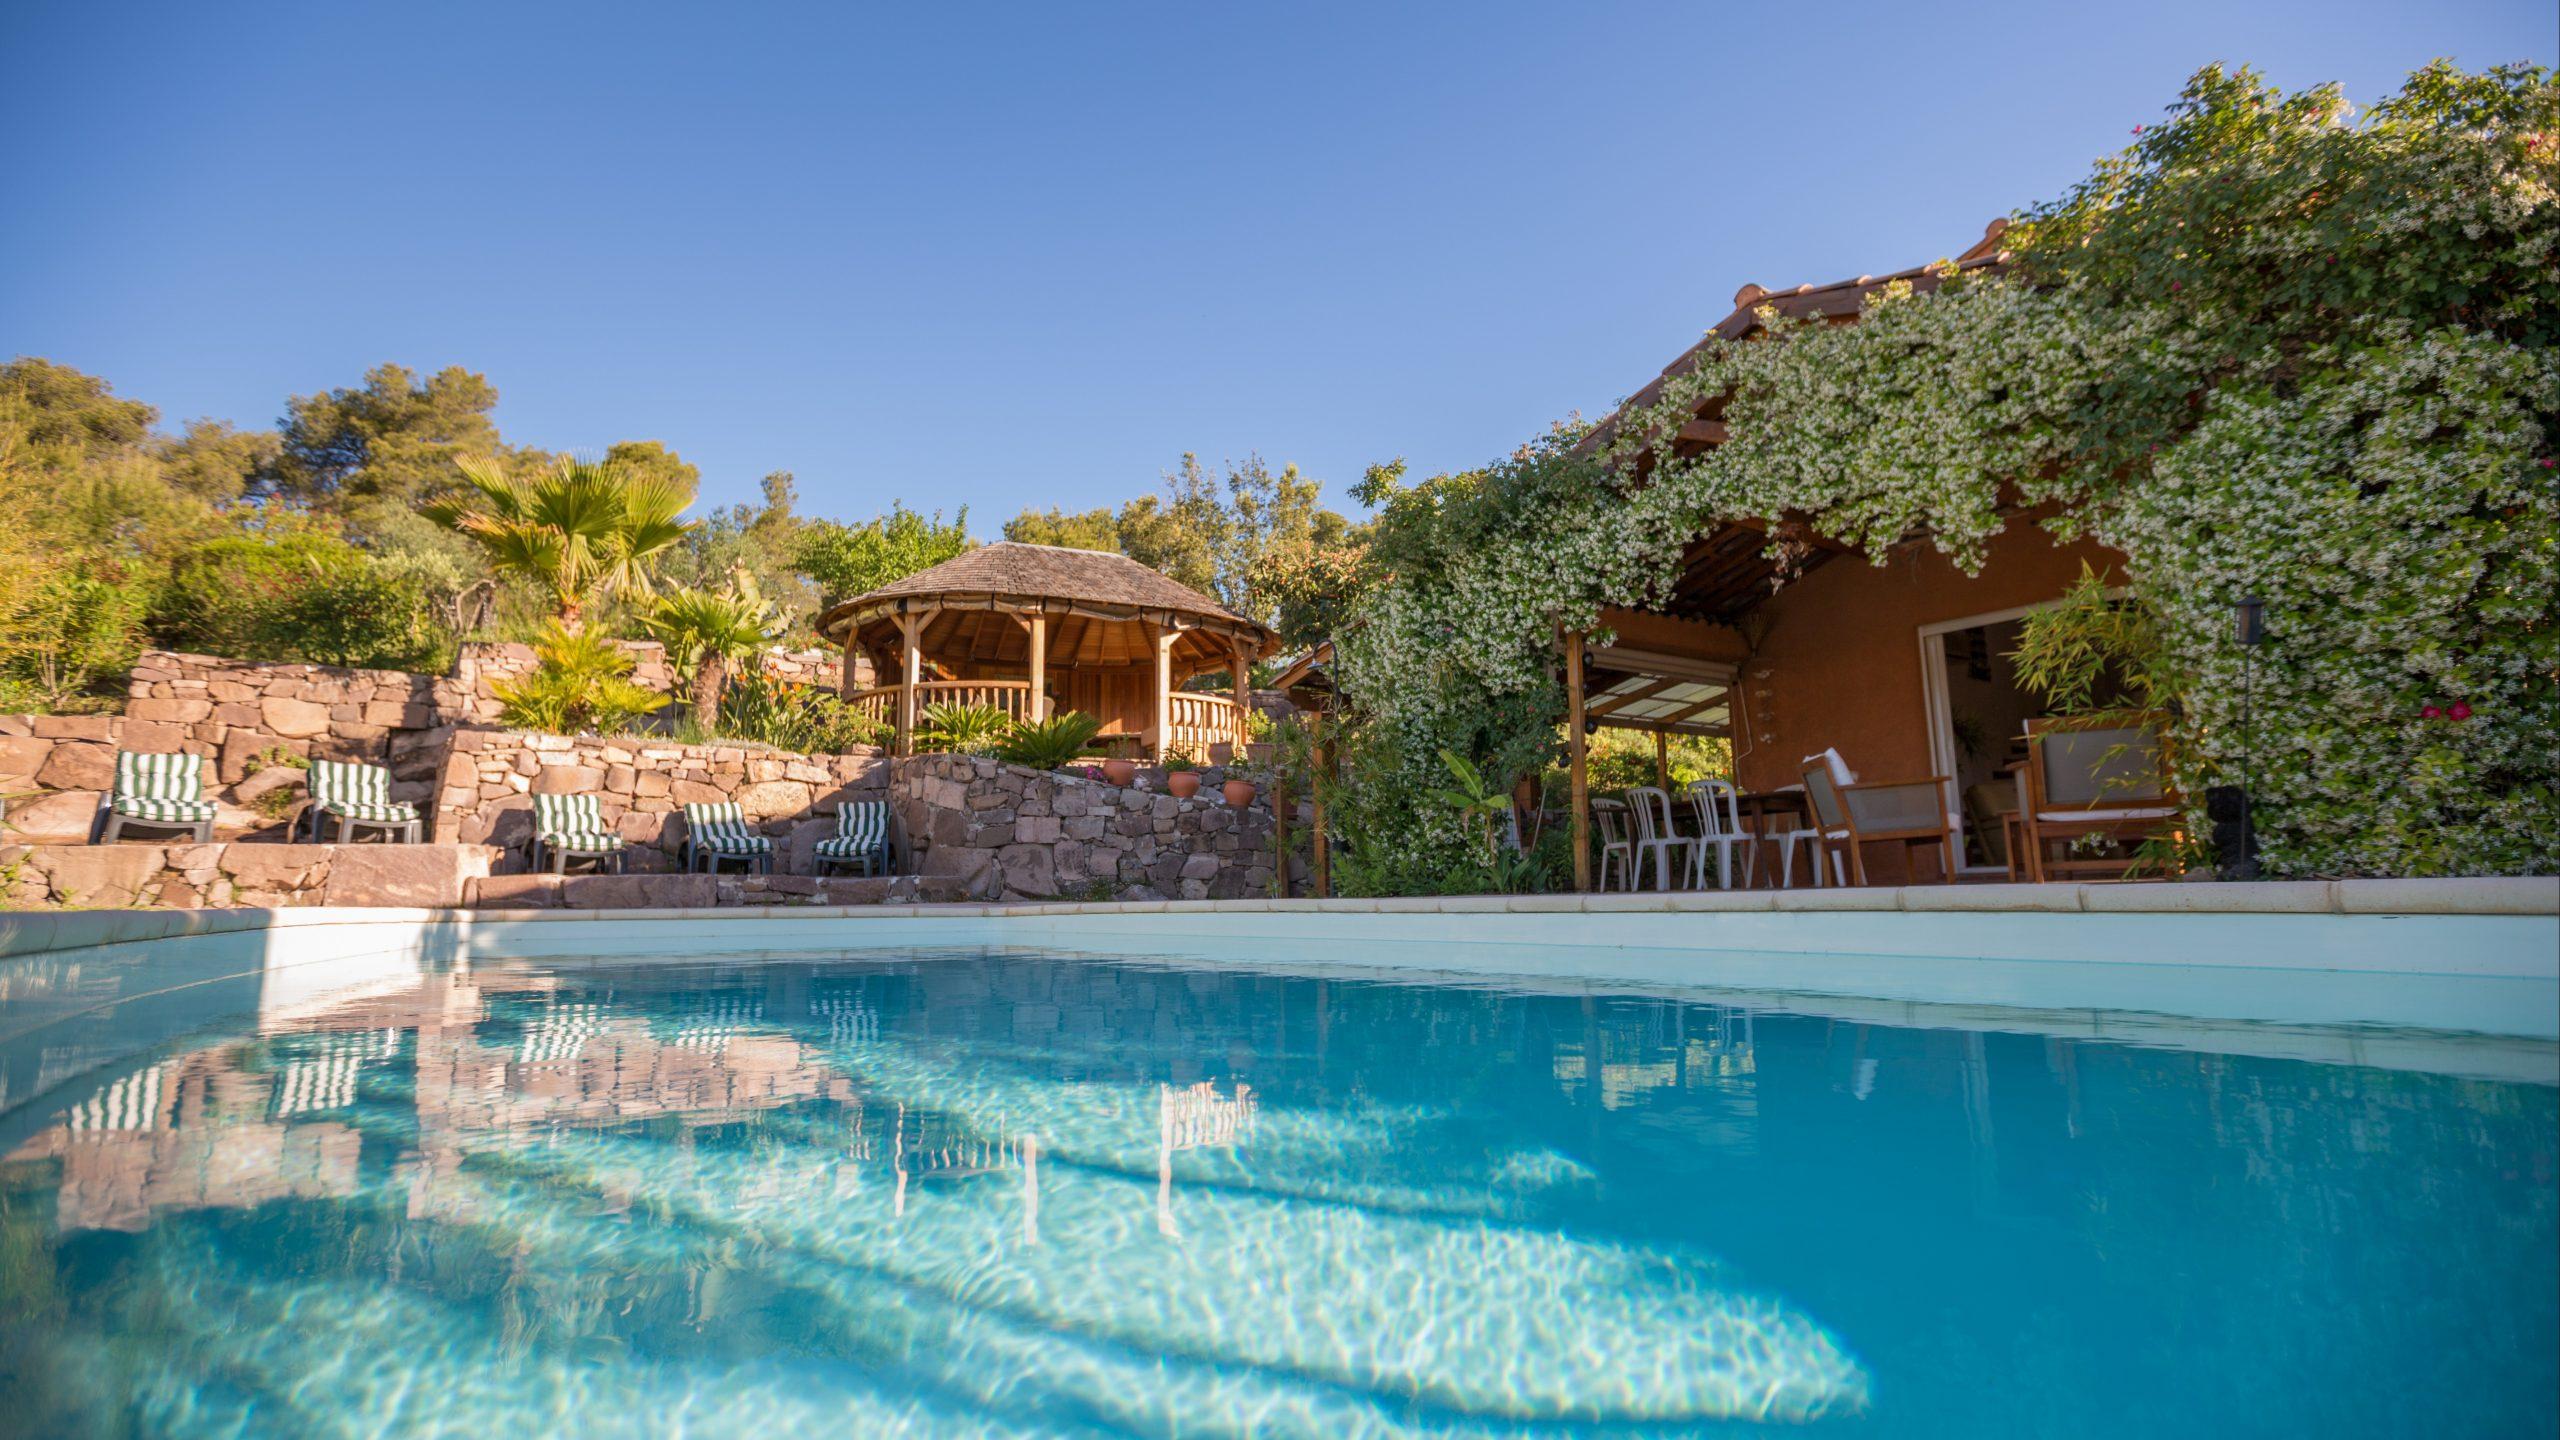 Location Maison Avec Piscine Pas Chère | Abritel concernant Location Maison Vacances Avec Piscine Privée Pas Cher Particulier